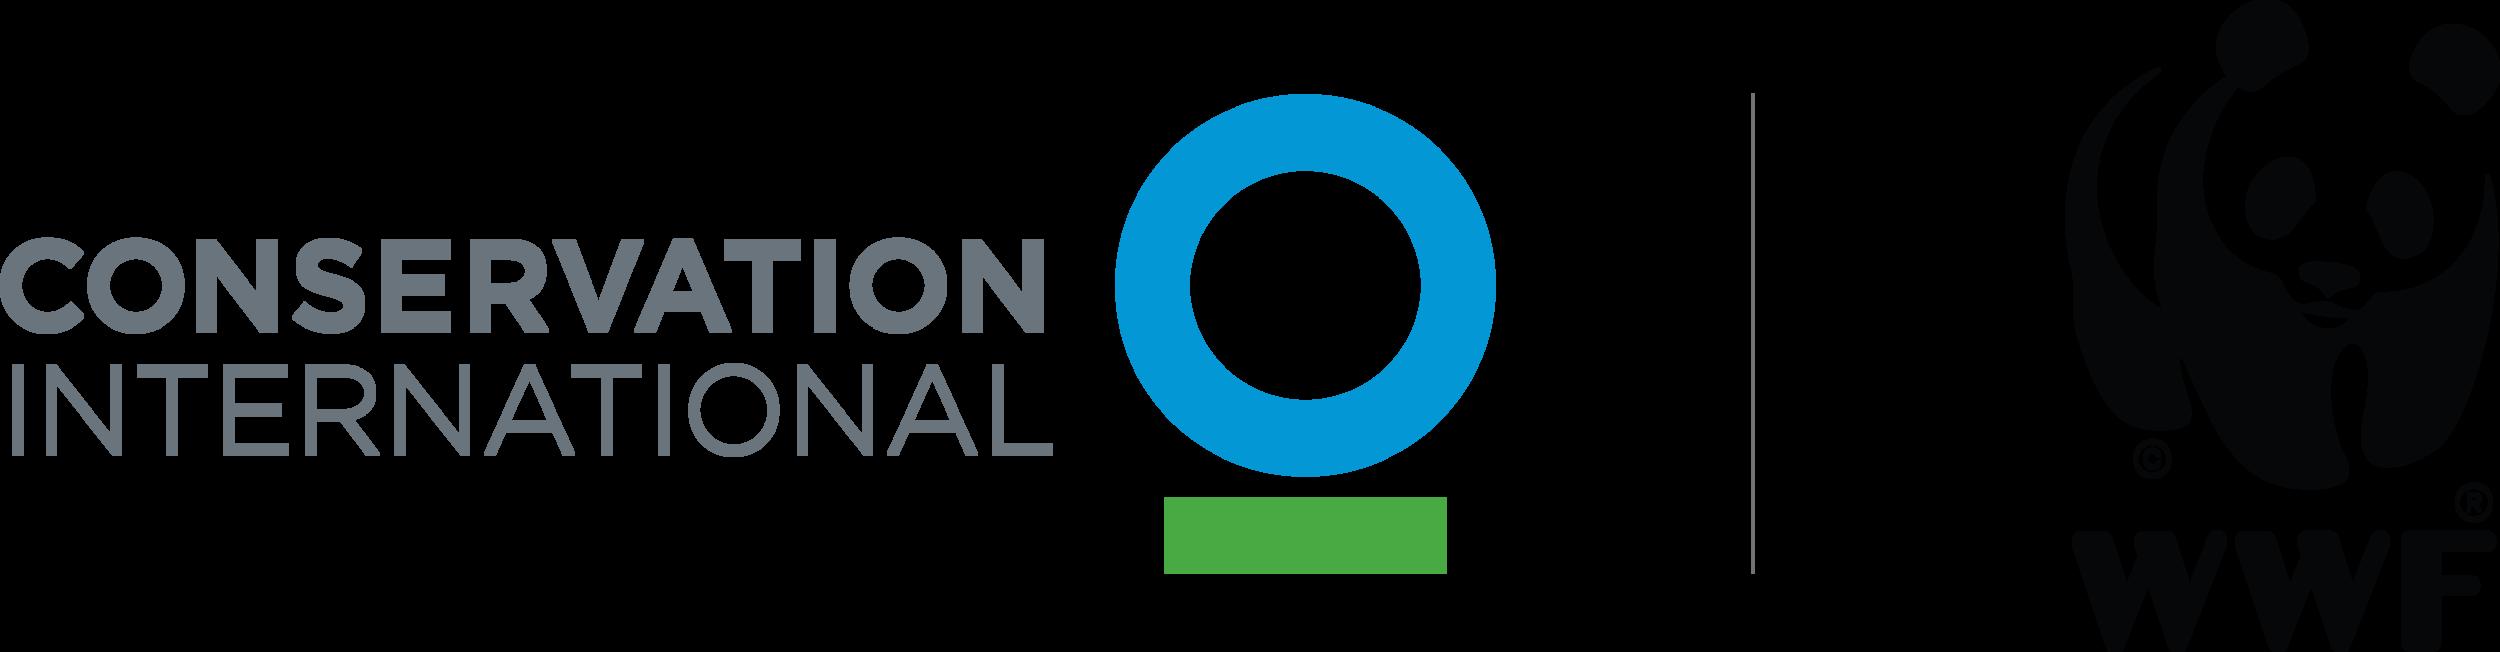 CI+WWF-logo.png